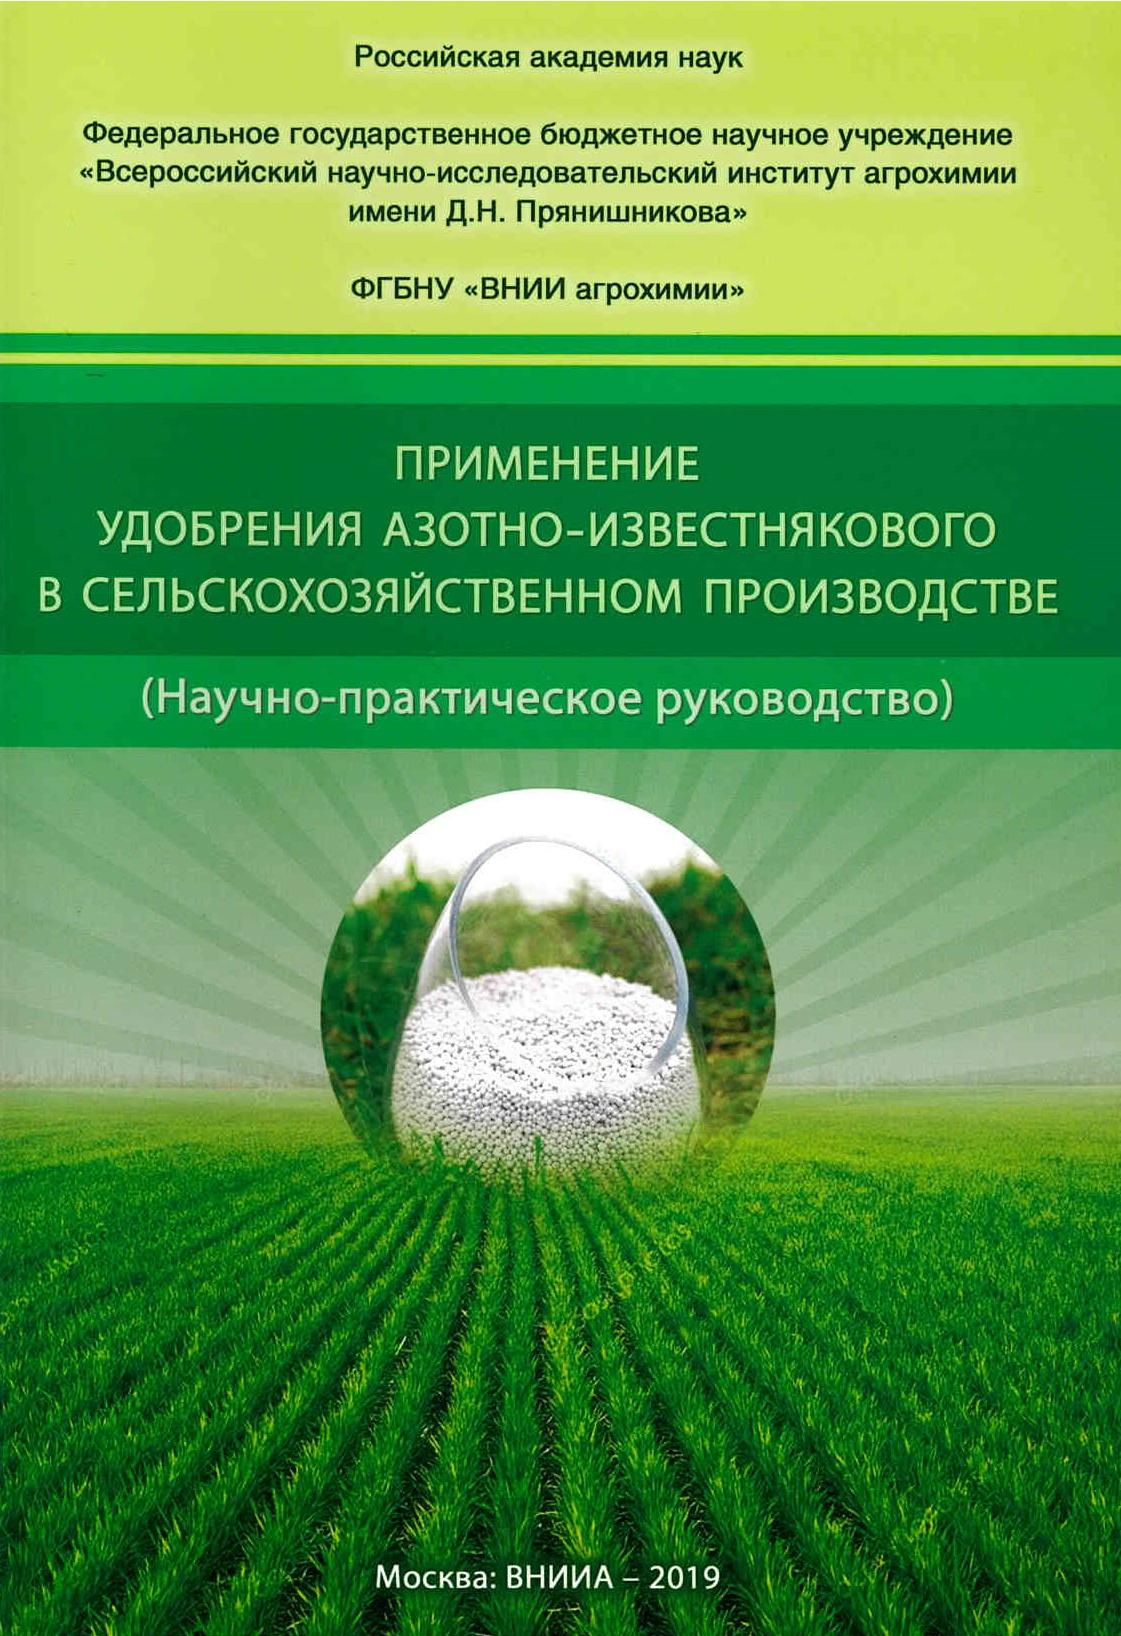 Применение удобрения азотноизвестнякового в сельскохозяйственном производстве (Научно-практическое руководство) - фото